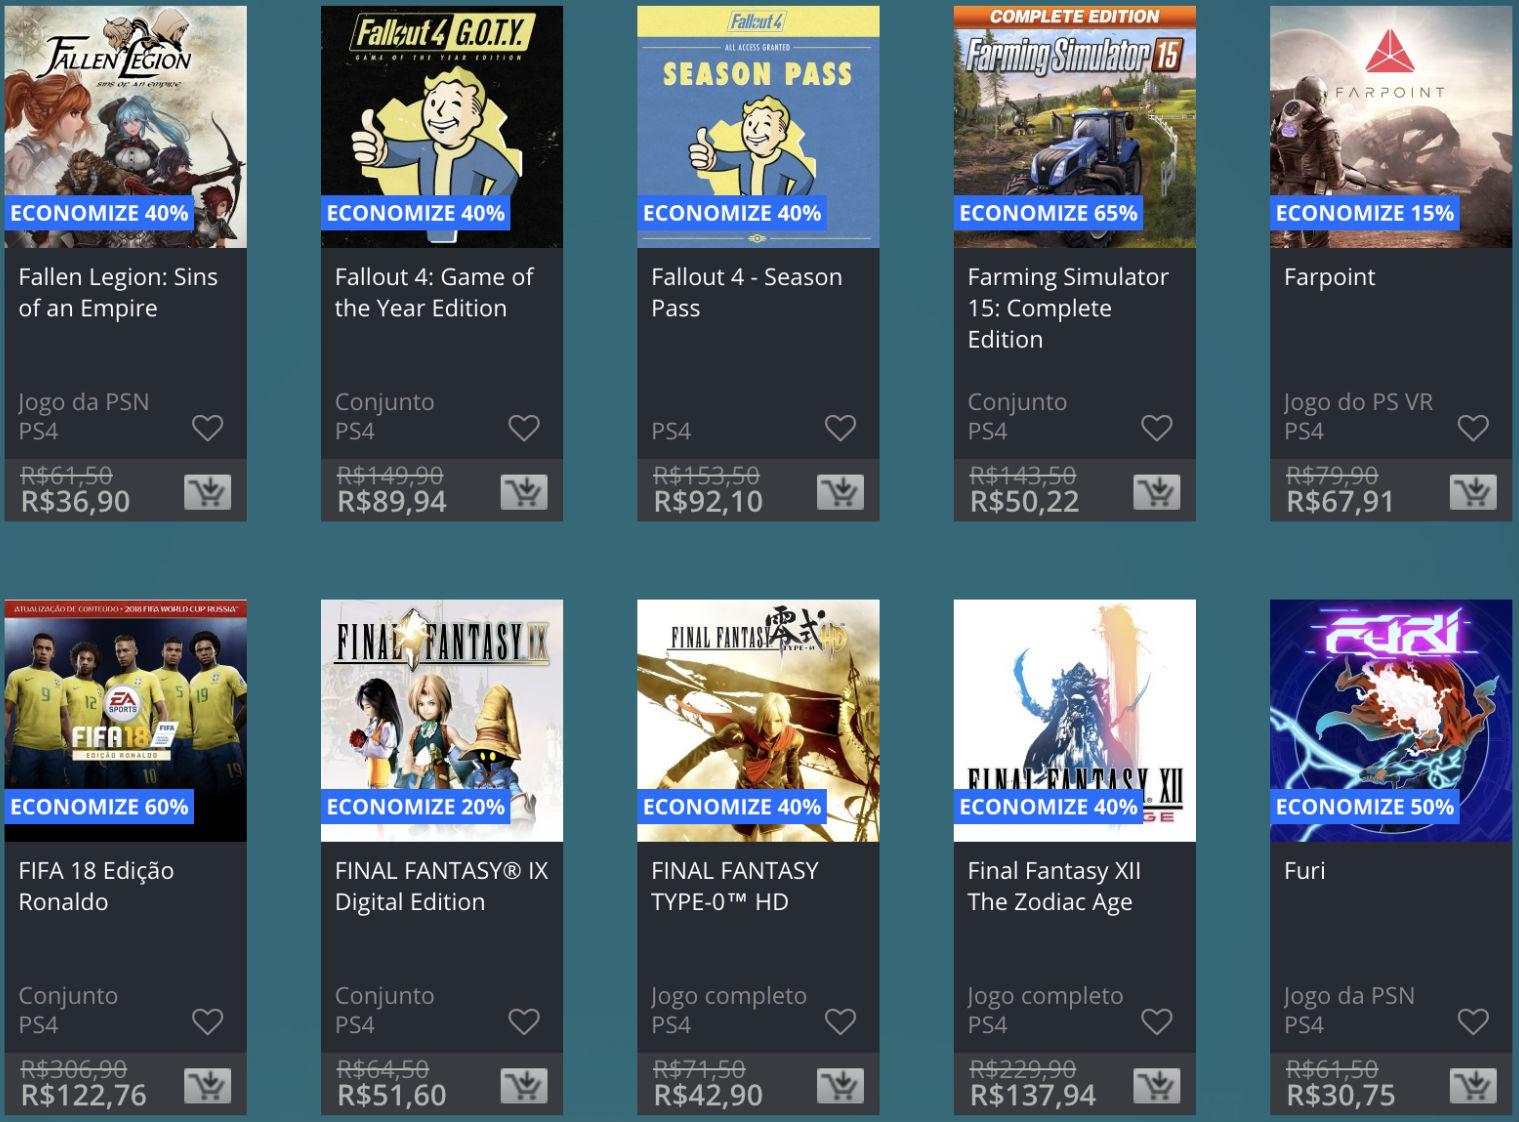 Promoção de Meio do Ano na PS Store com mais de 600 itens com preços que variam de R$ 10 a R$ 200 29